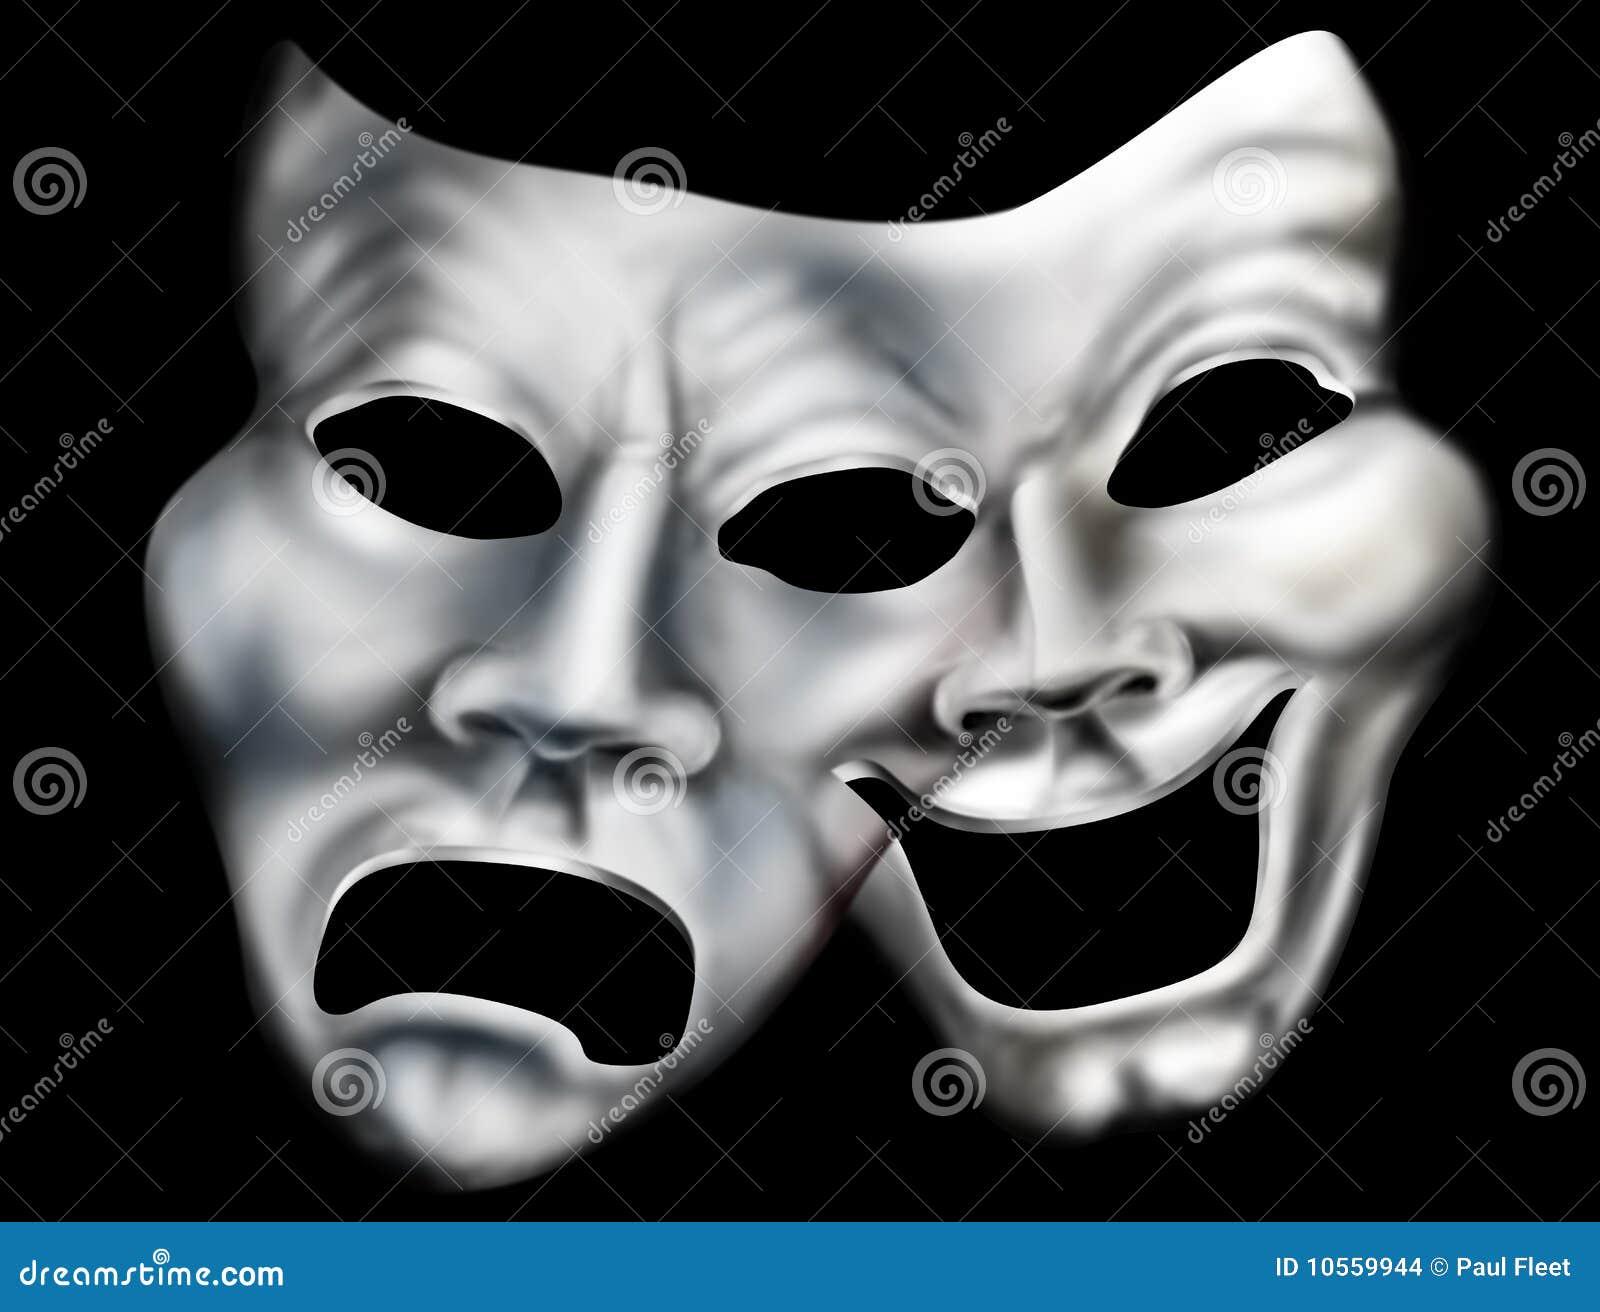 fundindo máscaras do teatro ilustração stock ilustração de fusão